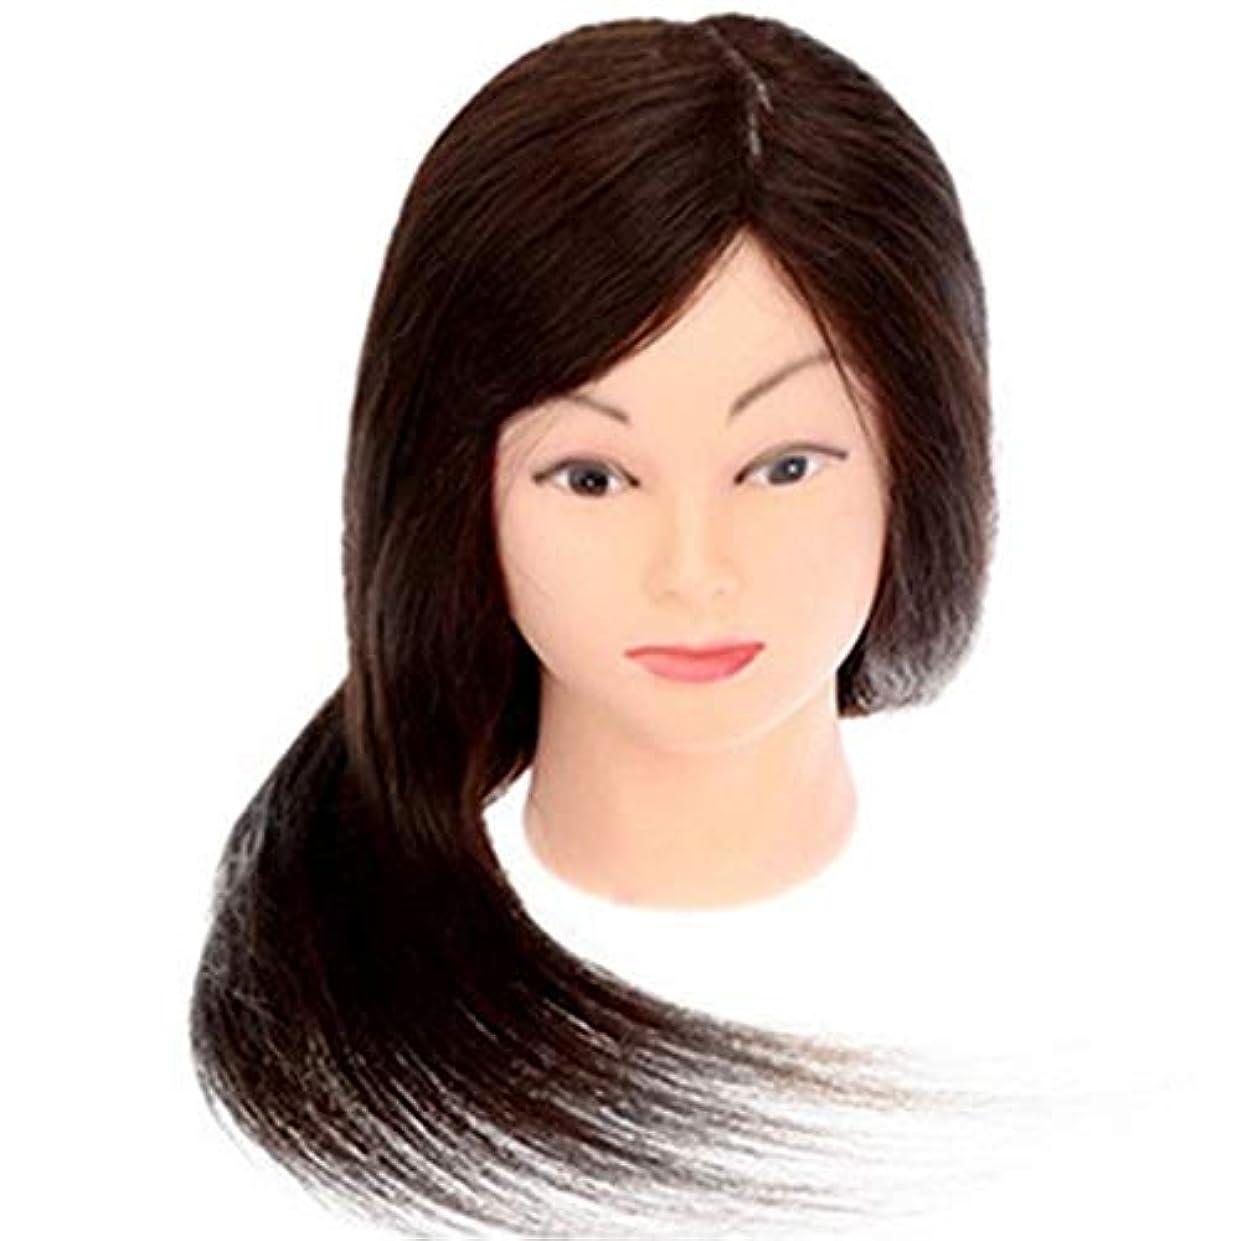 転用支援するエンゲージメントメイクアップエクササイズディスク髪編組ヘッド金型デュアルユースダミーヘッドモデルヘッド美容ヘアカットティーチングヘッドかつら